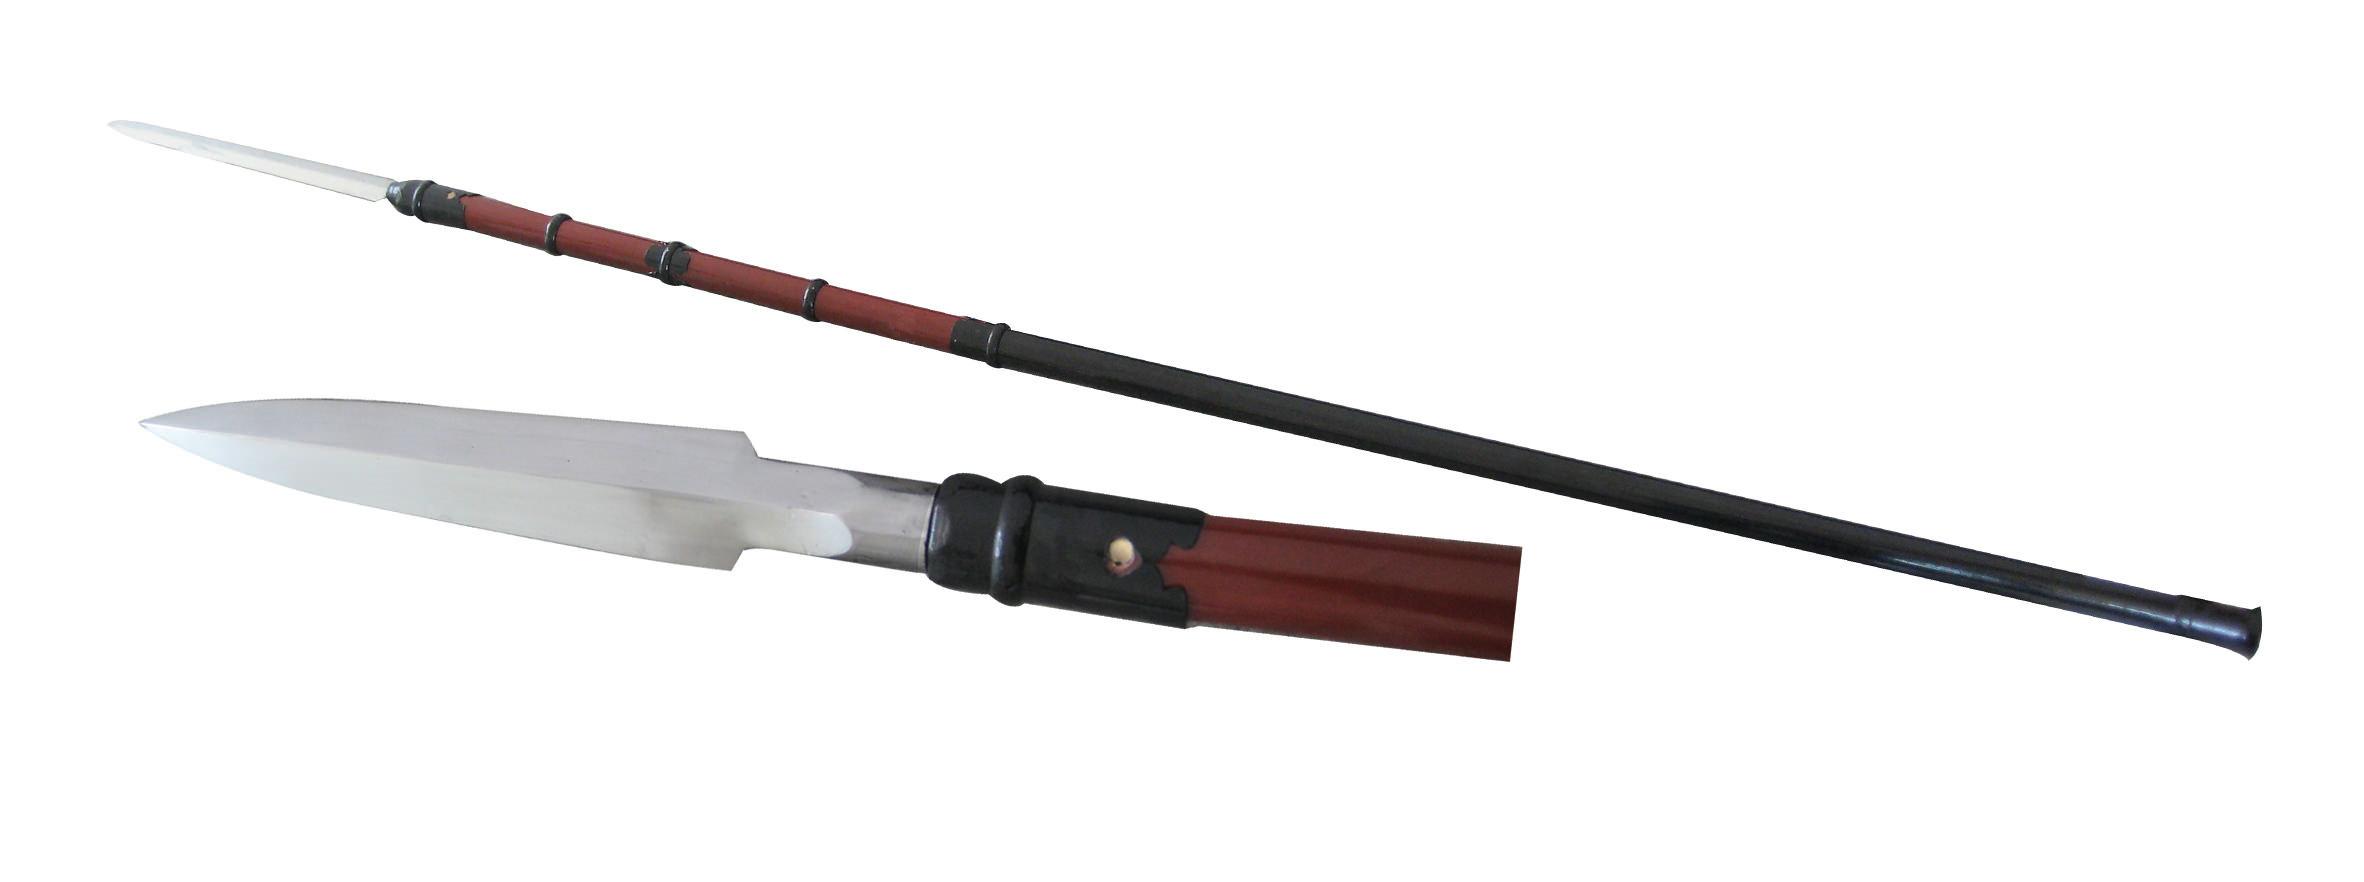 Jenis samurai jepang